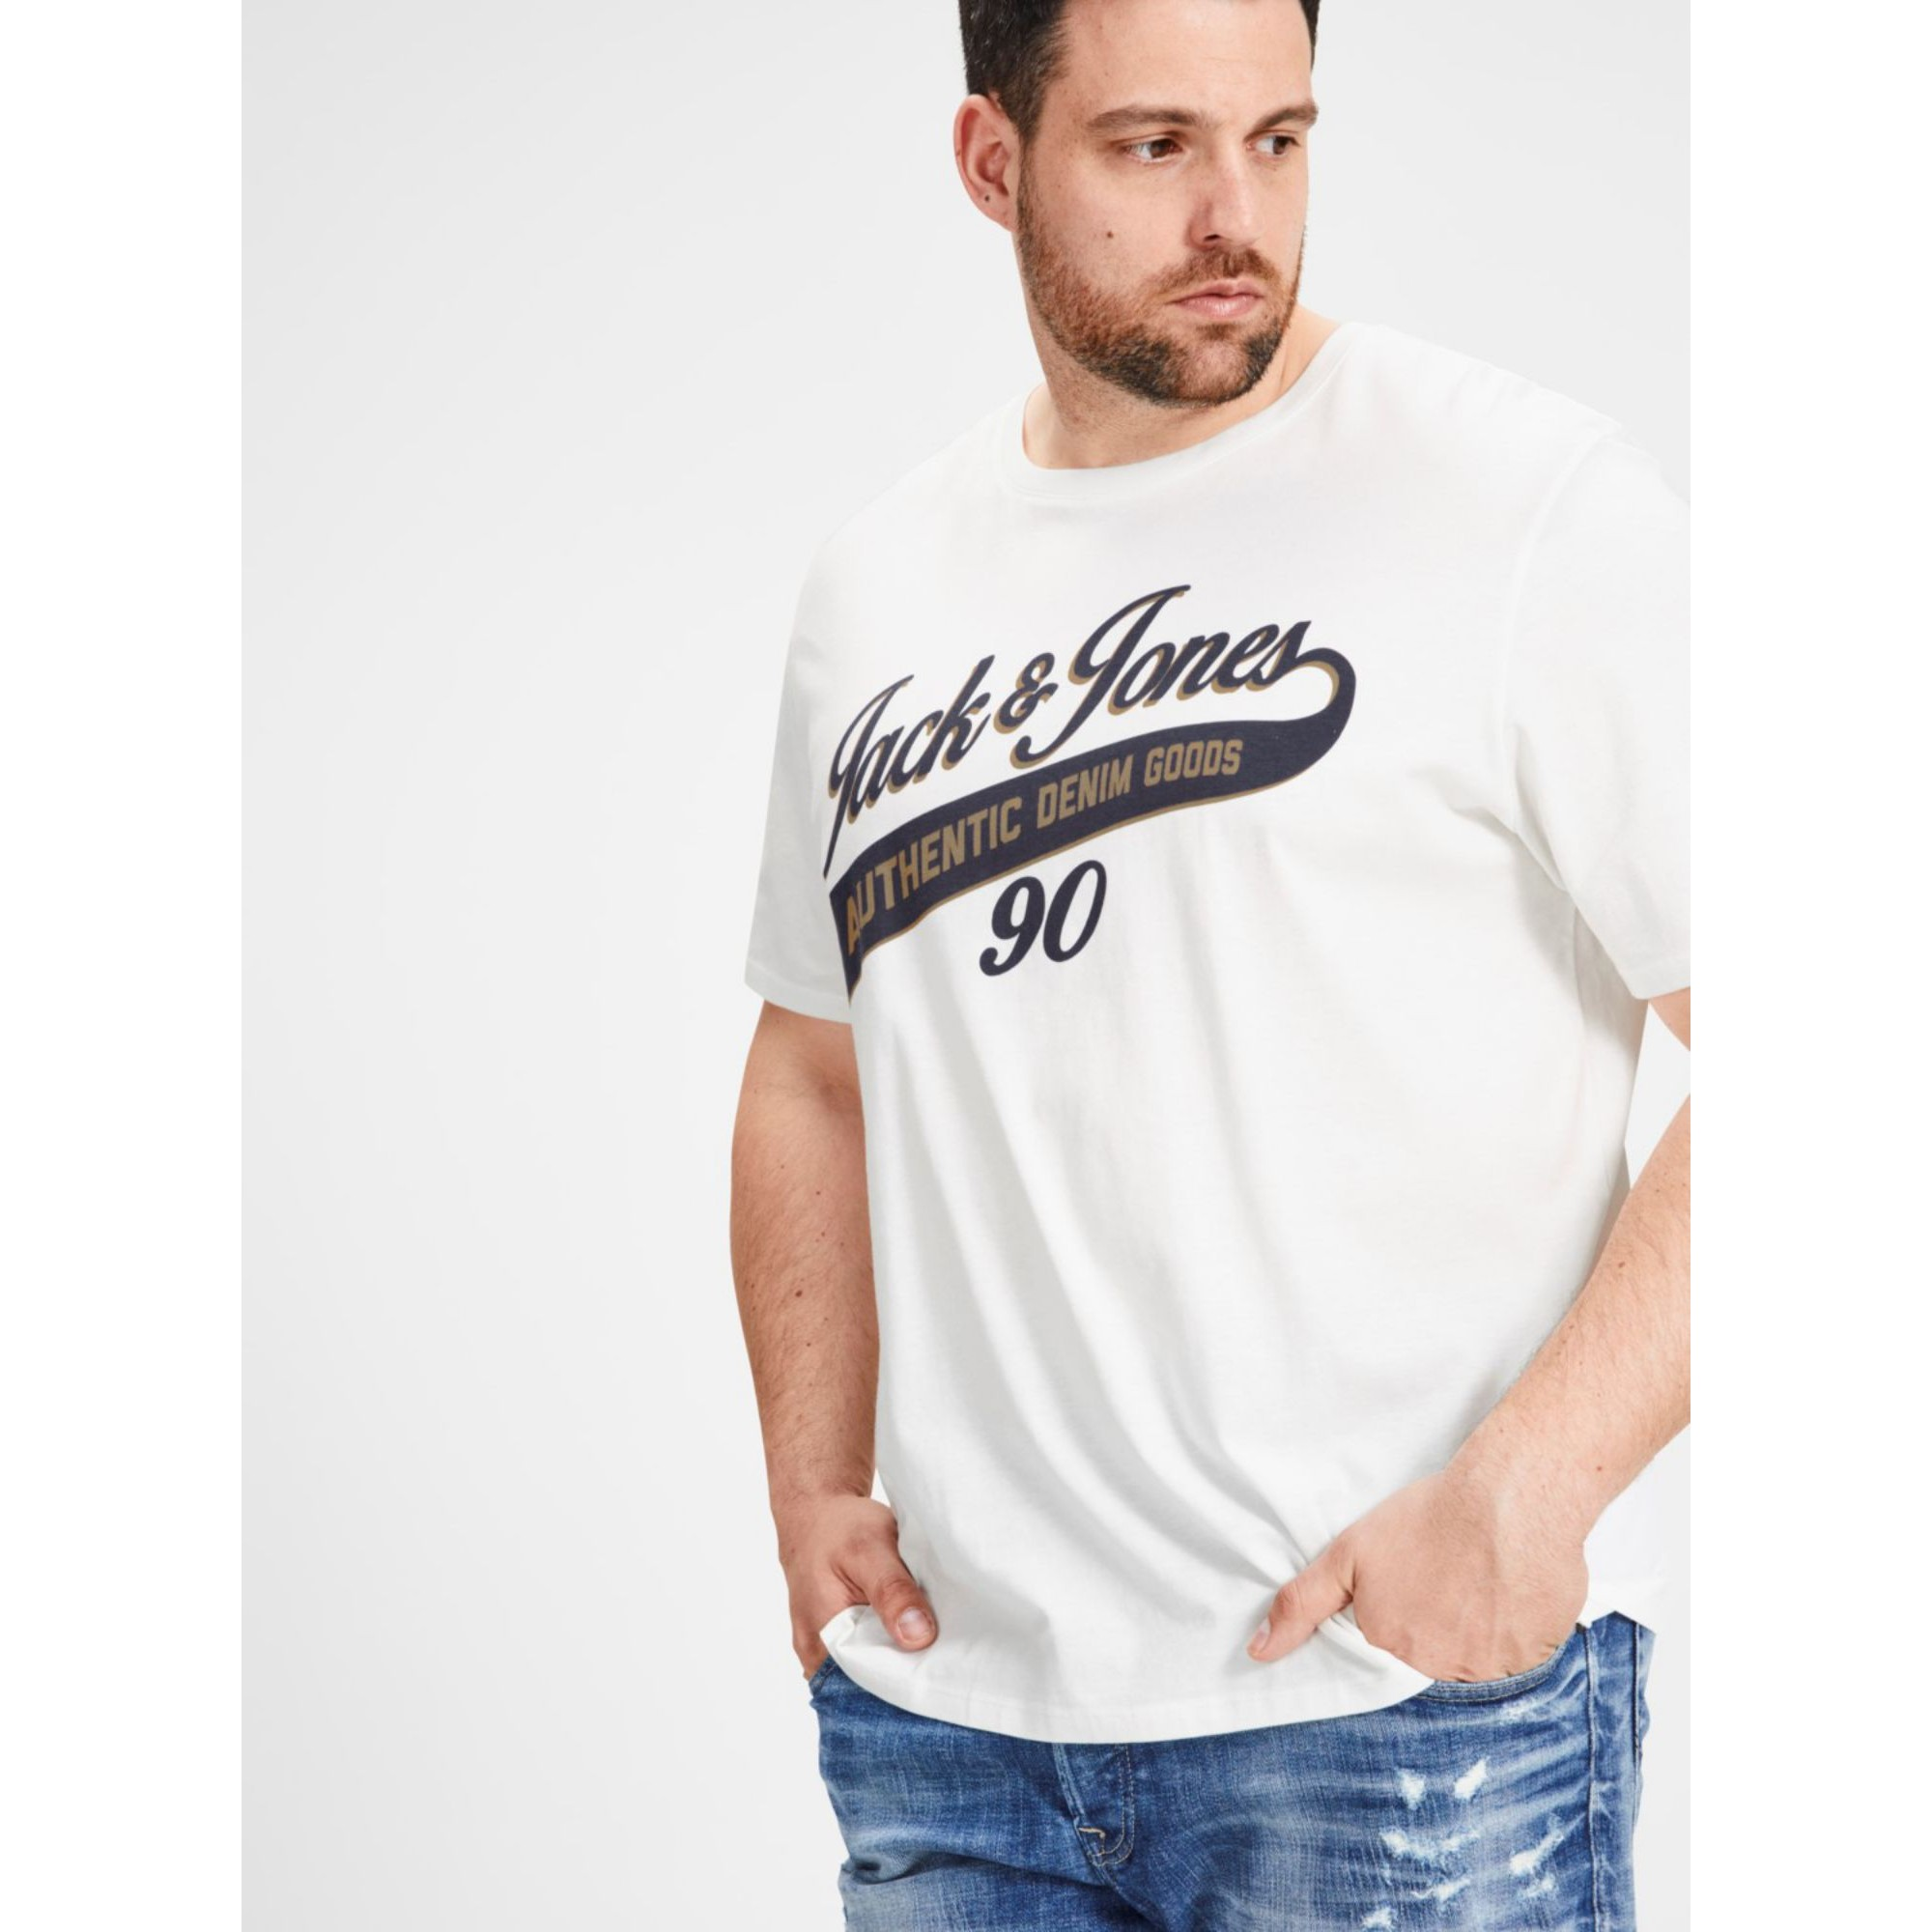 516352b036f645 Sklep z Ubraniami. Odzież Damska, Męska, Jeansowa - Online - Jeanssystem